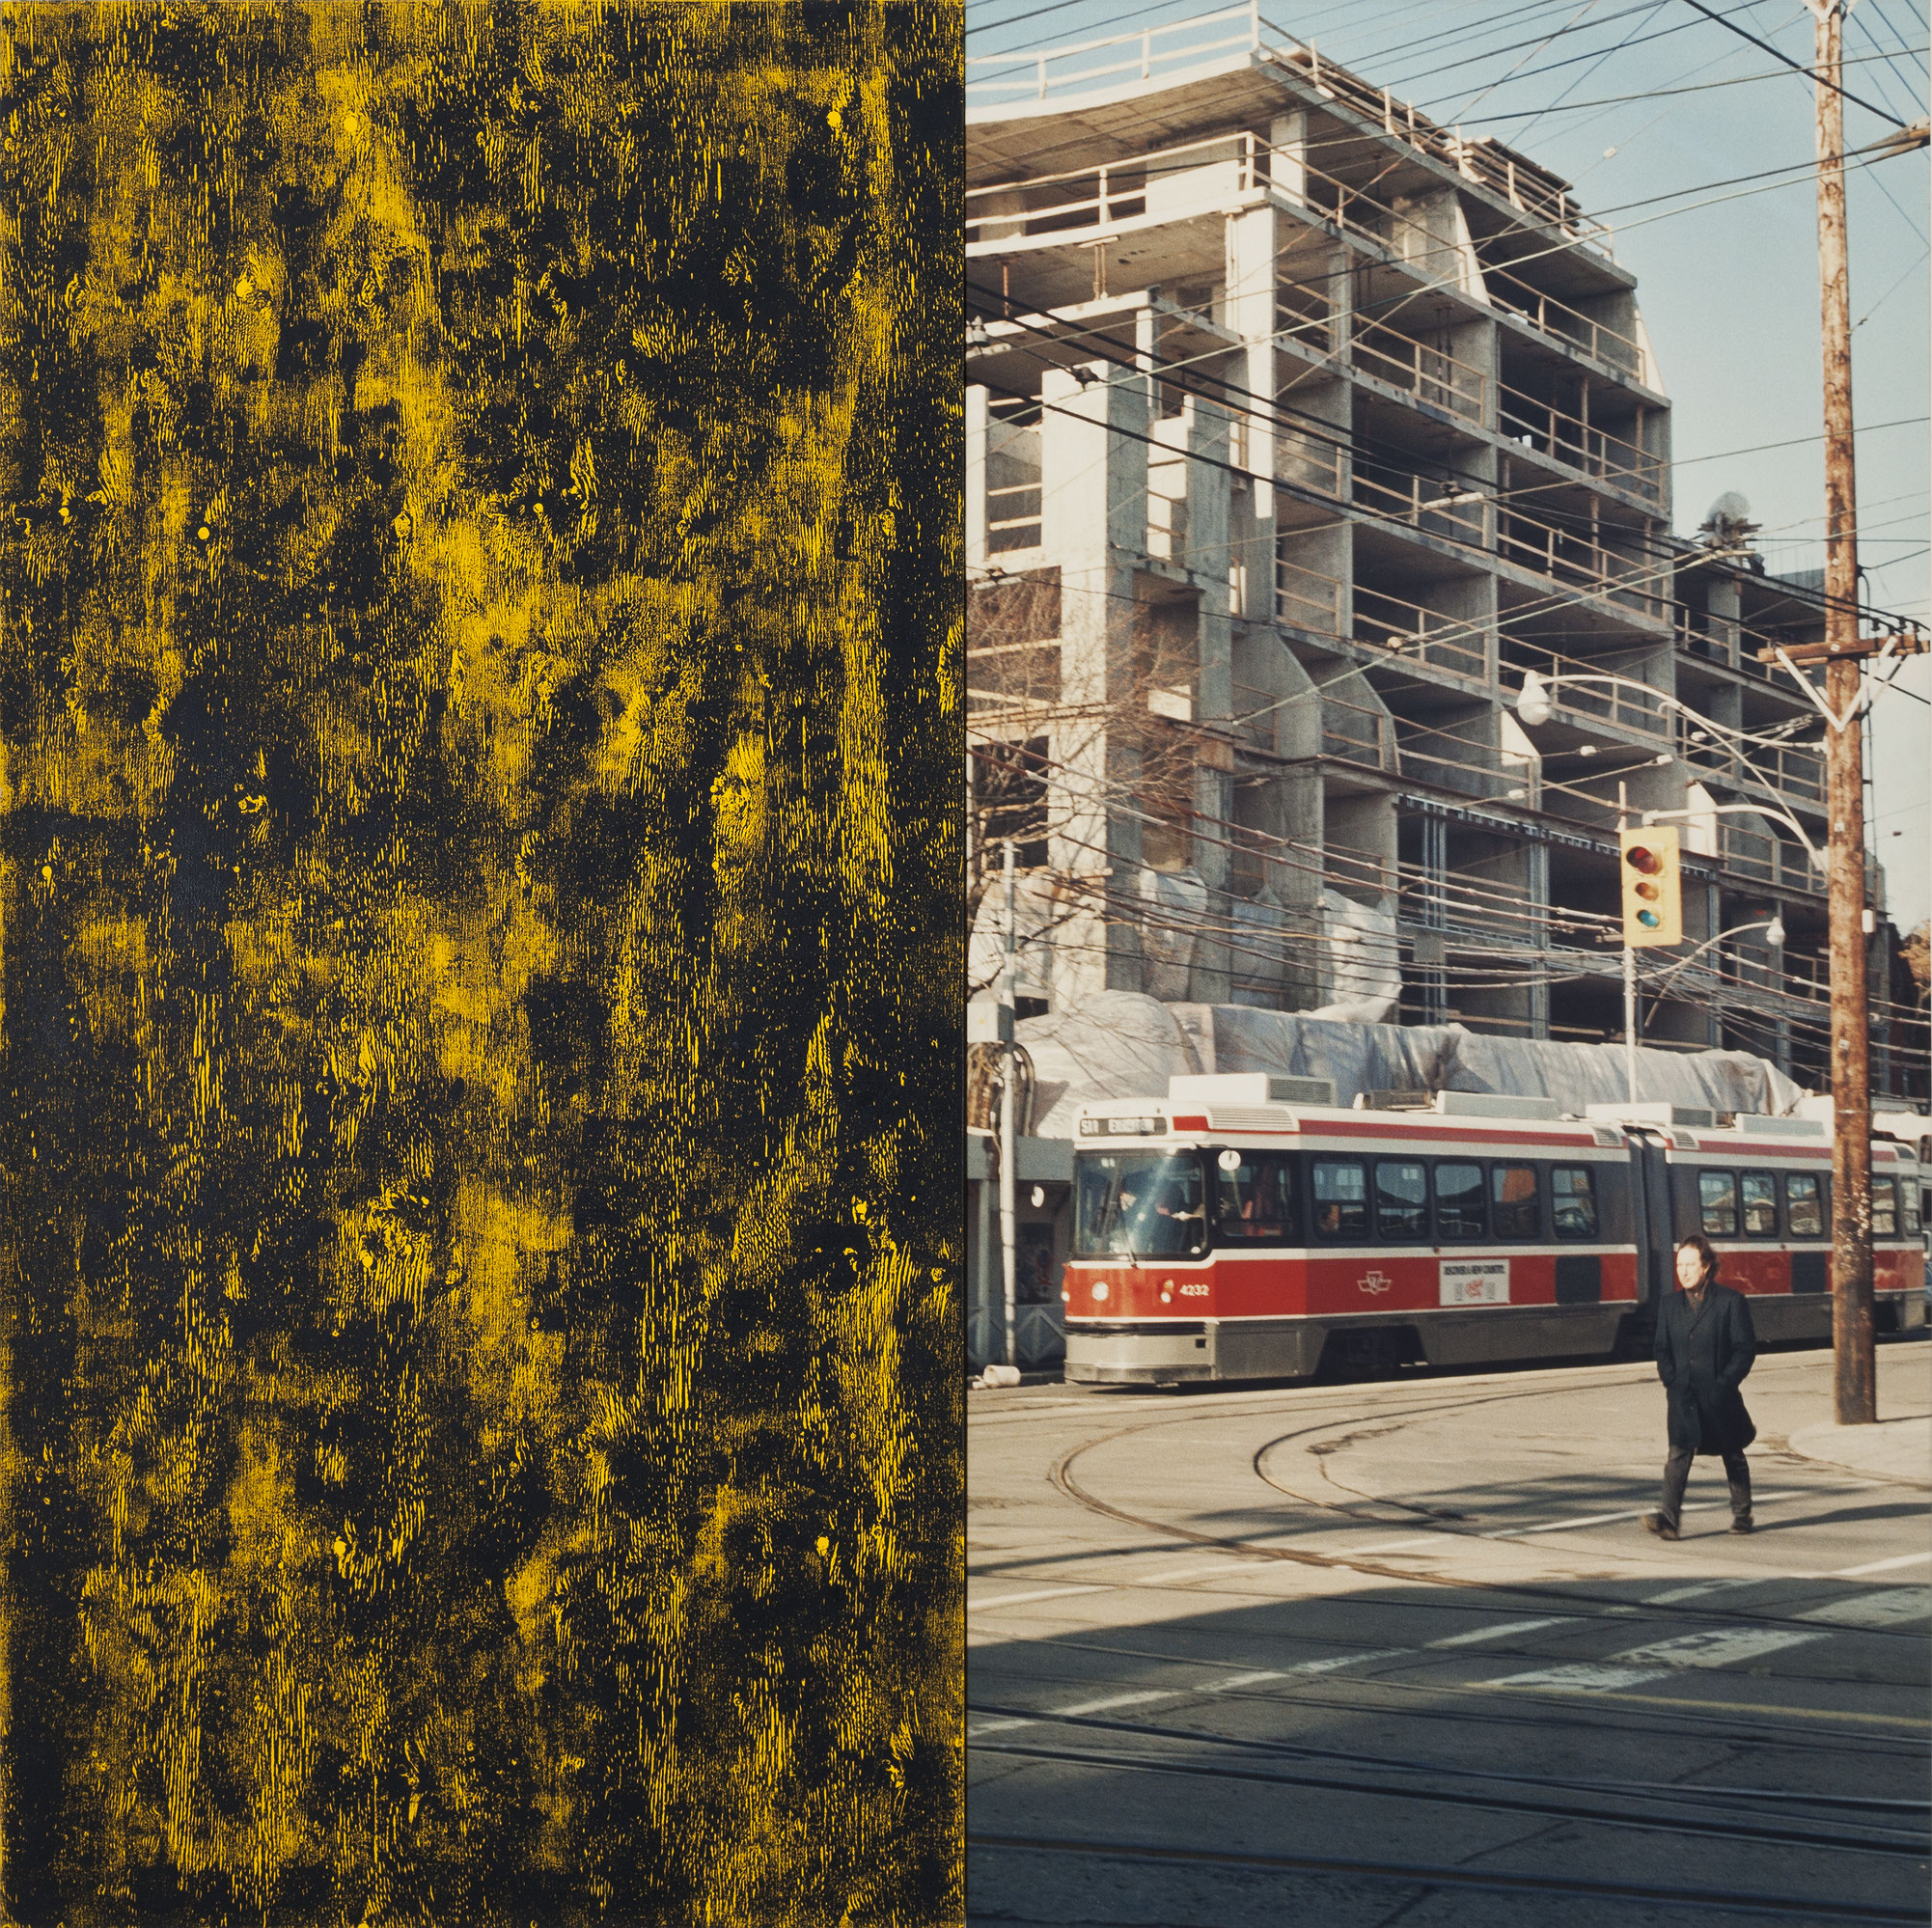 In the Street (Tom), 1989, Ian Wallace, Photographie laminée sur toile, acrylique et monotype à l'encre sur toile.